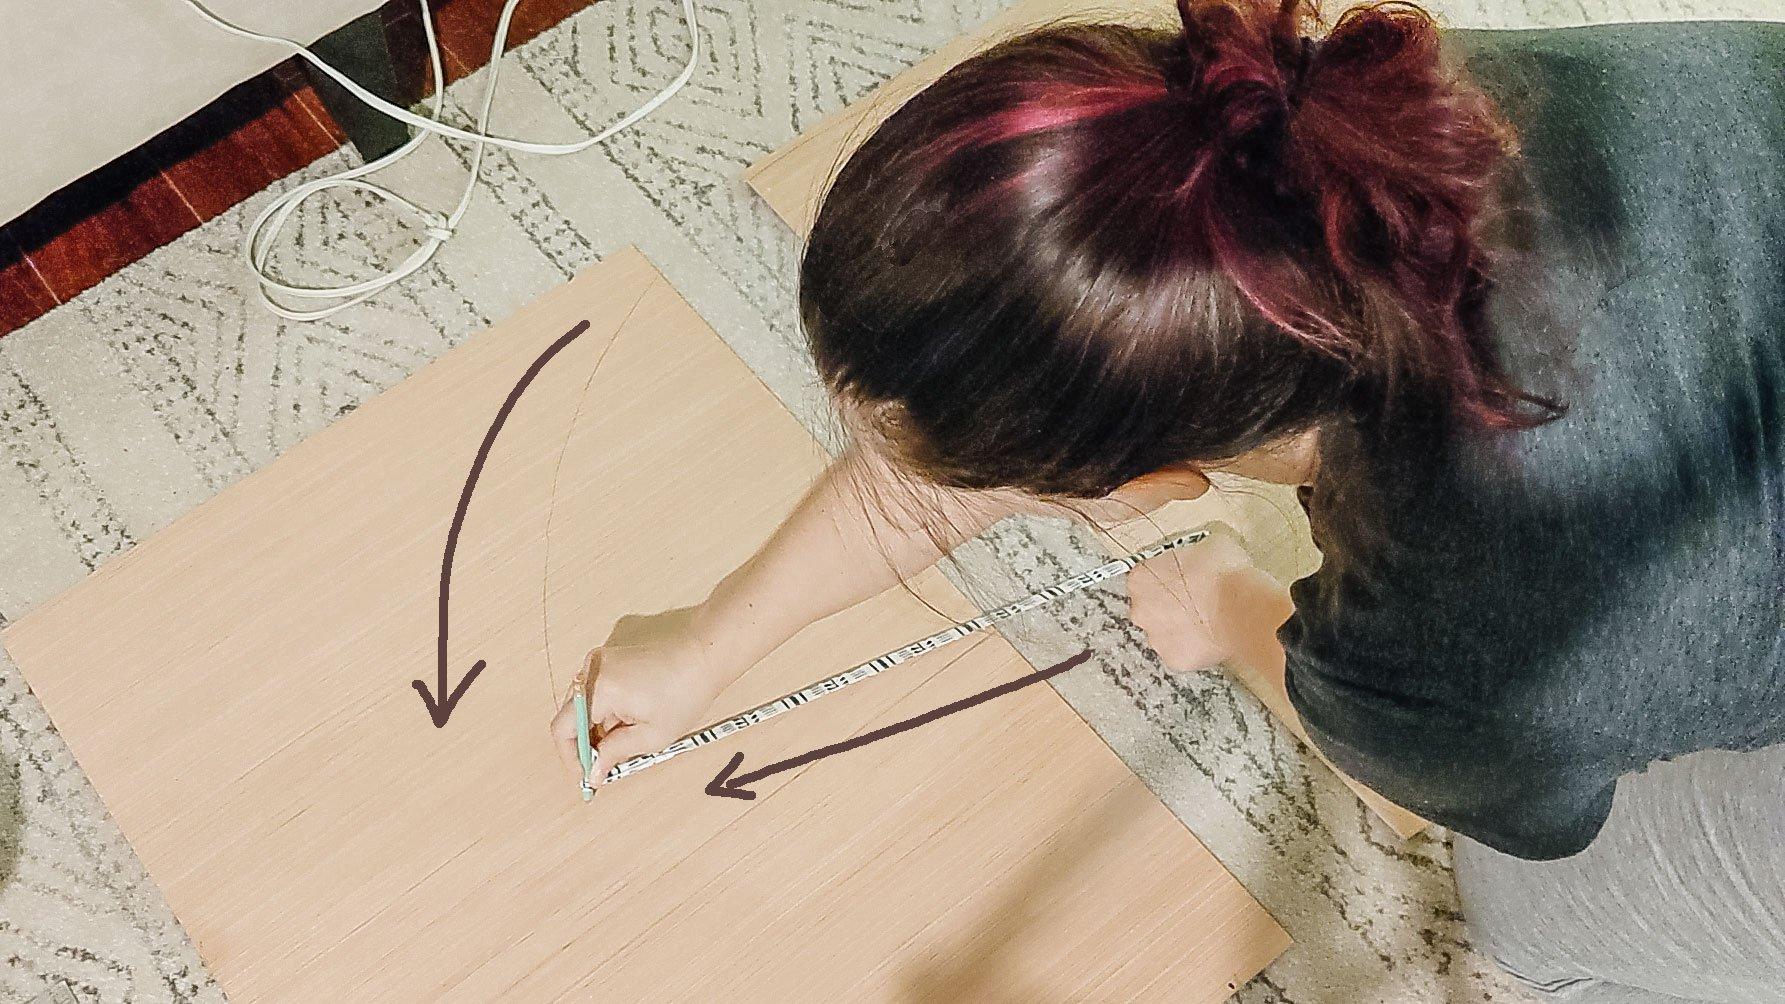 comment dessiner une forme d'arc sur du contreplaqué avec une corde